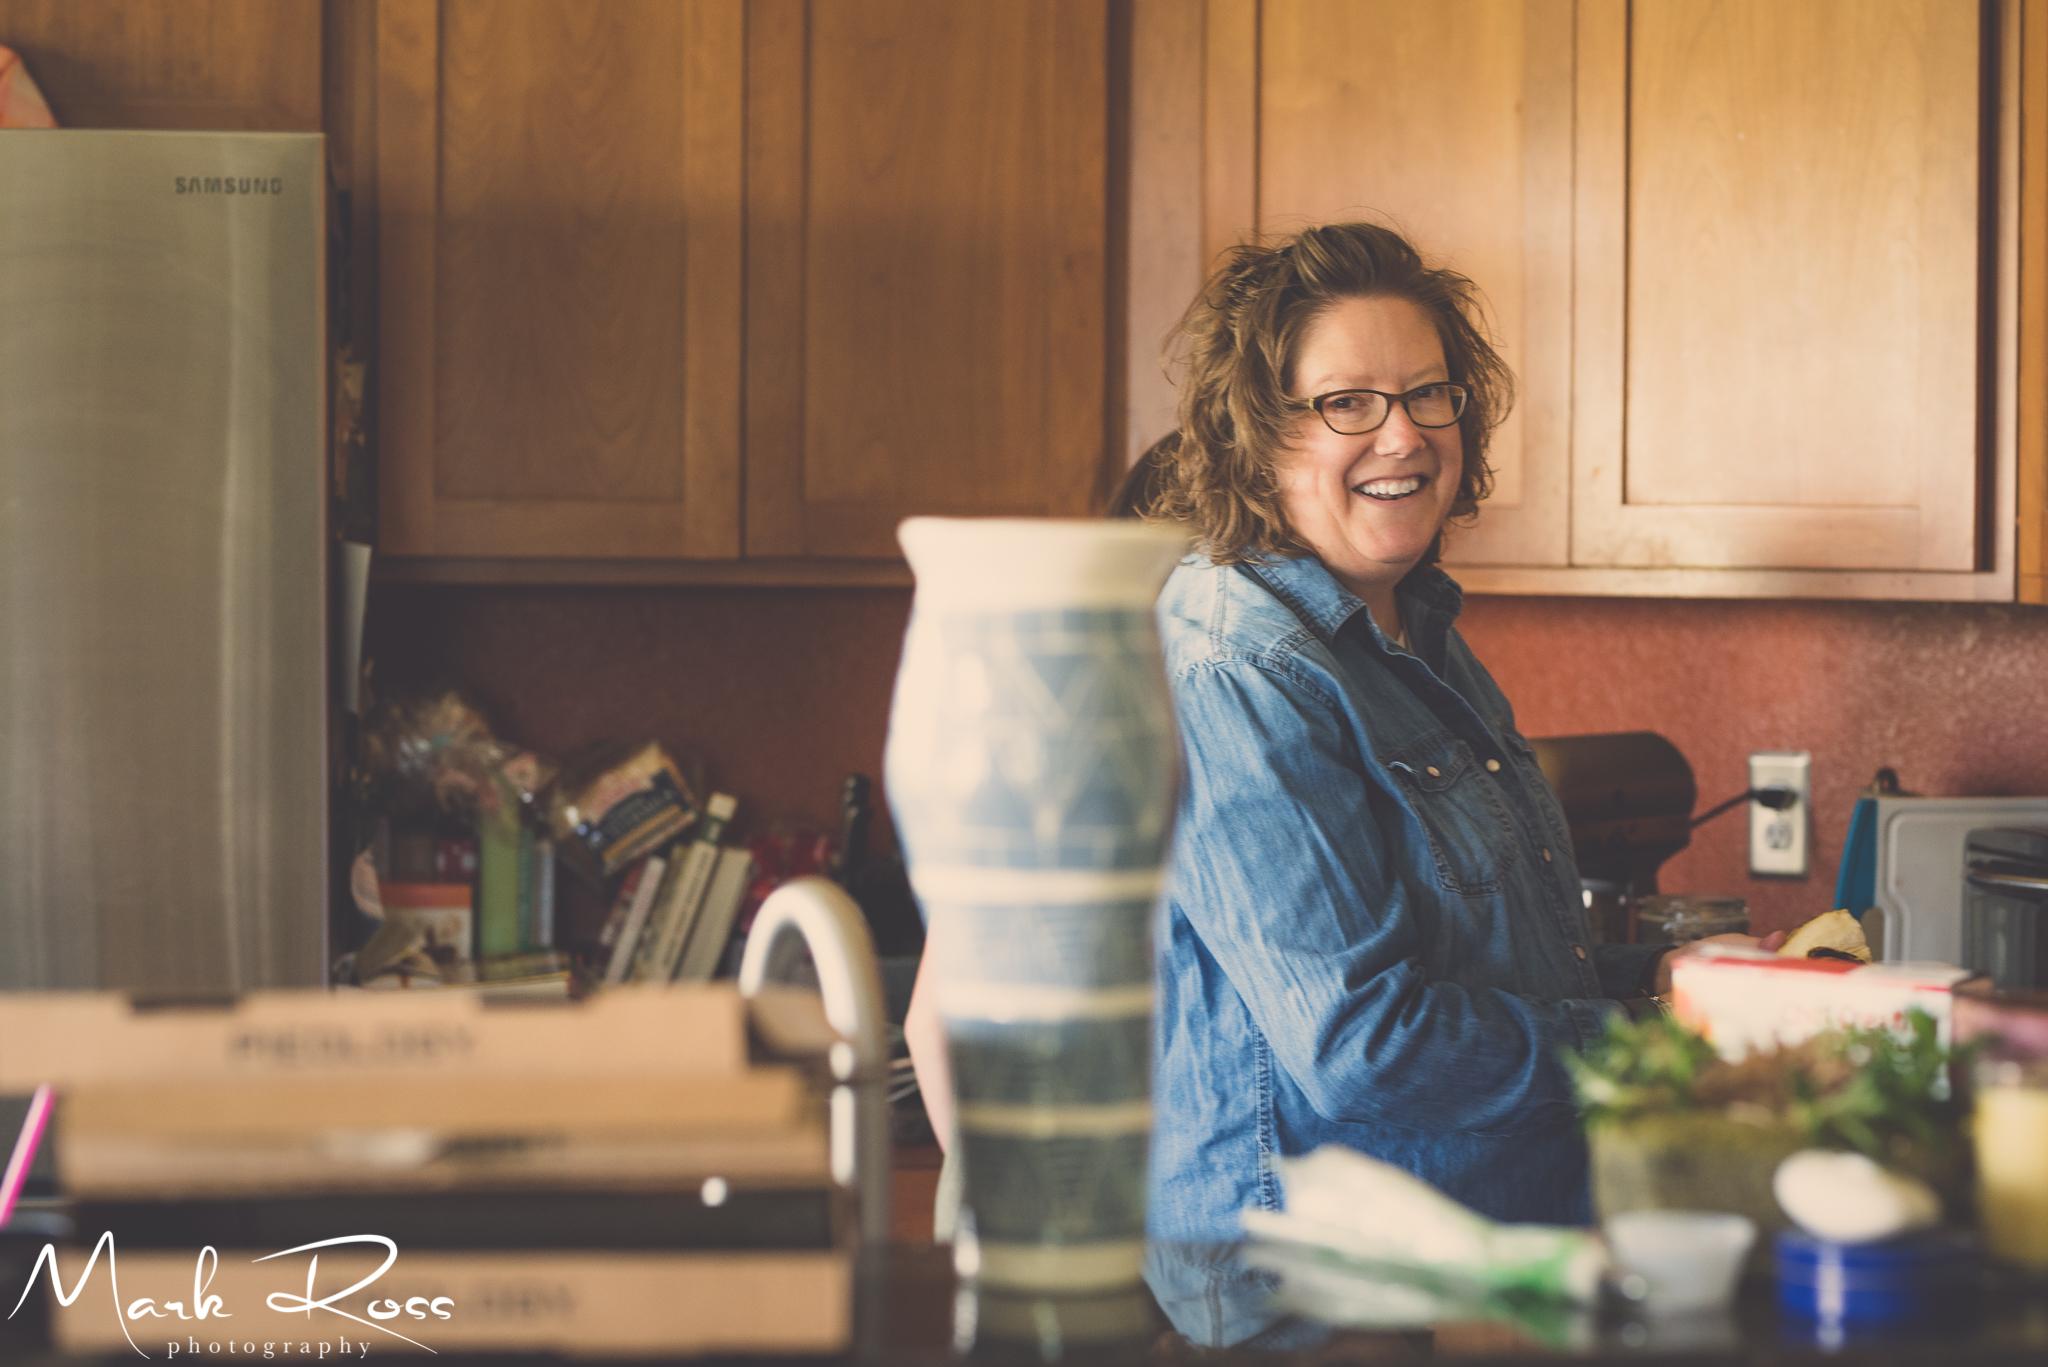 Denver-Family-Photographer-Mark-Ross-Photographer-Ahlstrand-Family-Watermarked-28.jpg